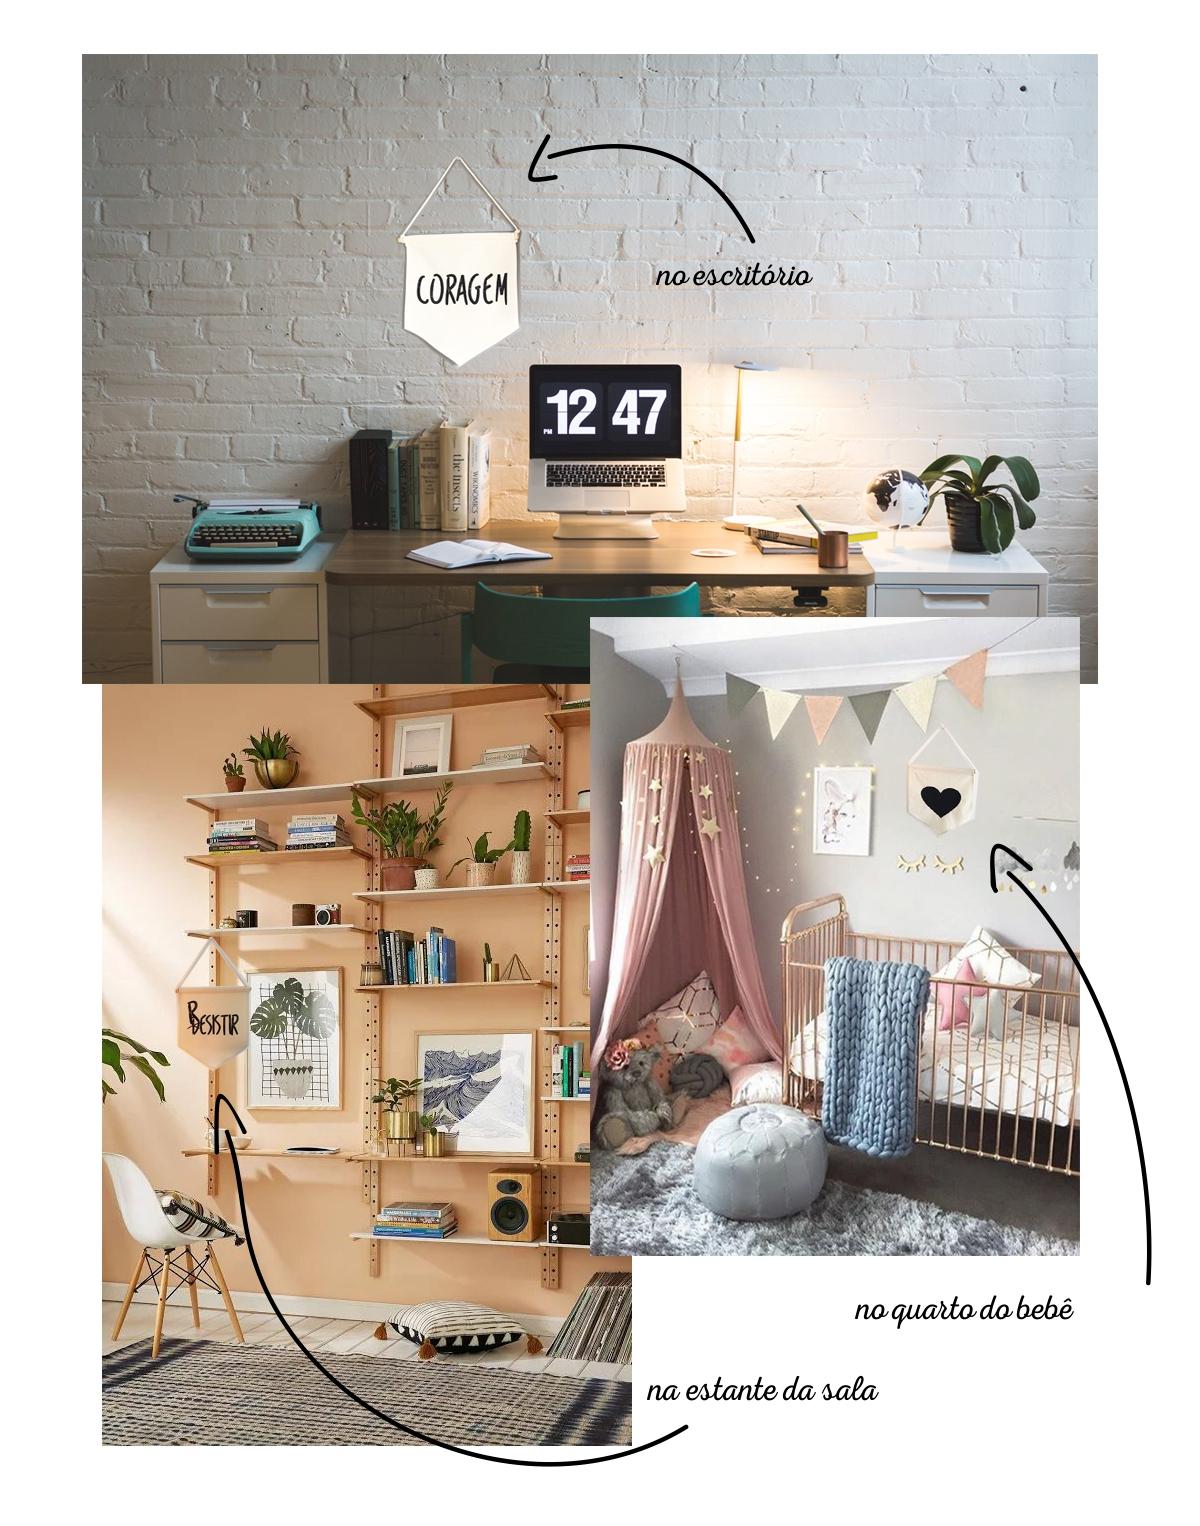 como_decorar_com_flâmulas_naorepete_1